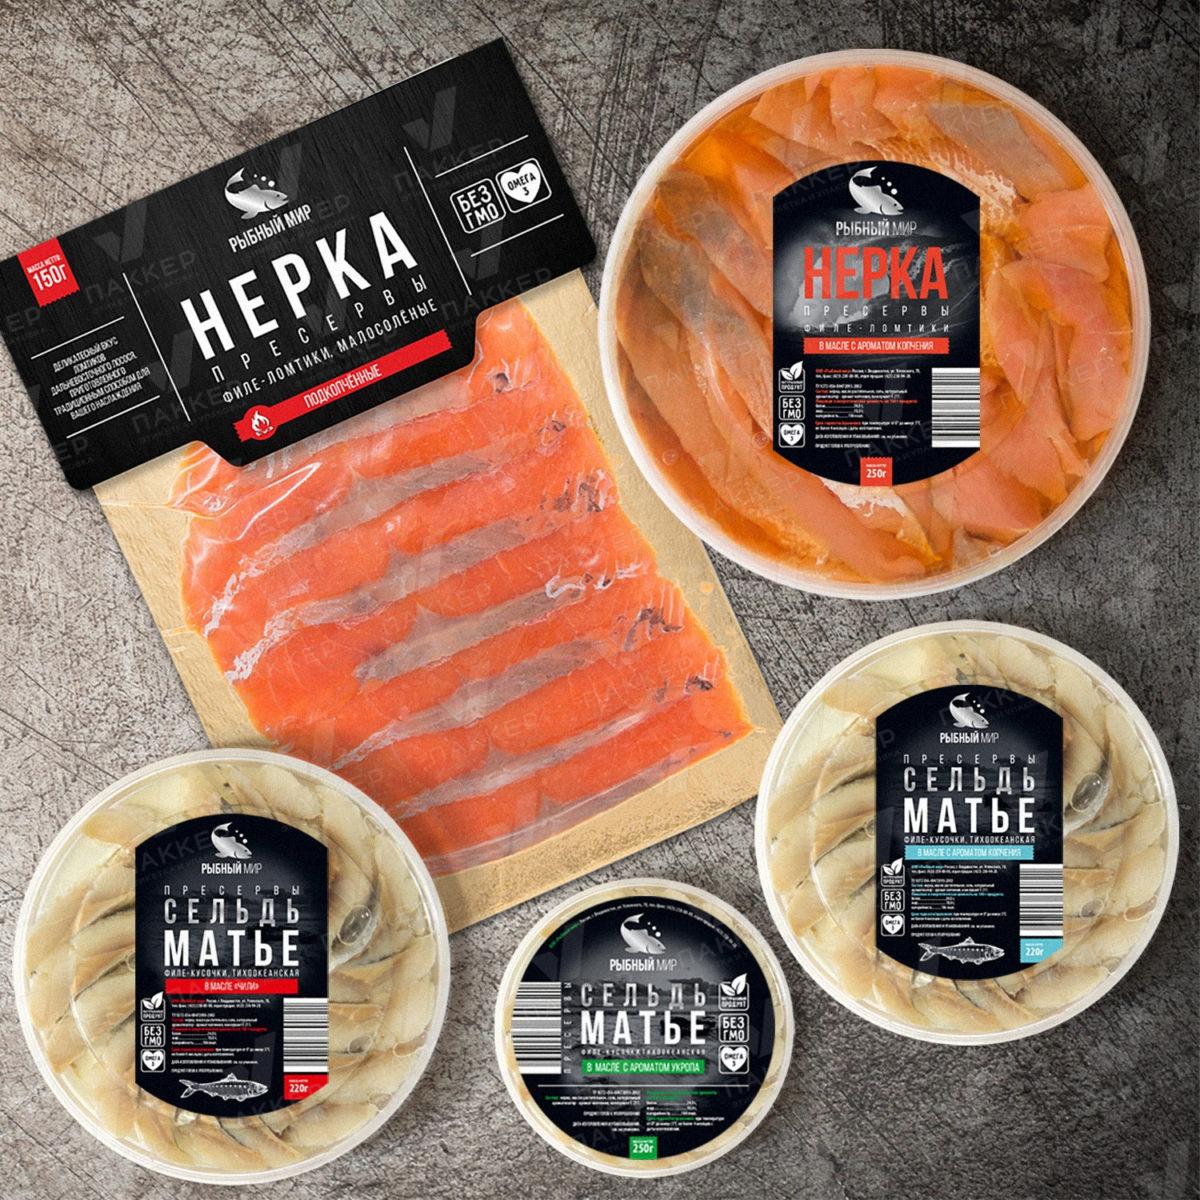 Этикетки на сельдь, пресервы и красную рыбу на разные банки и упаковку, г. Владивосток